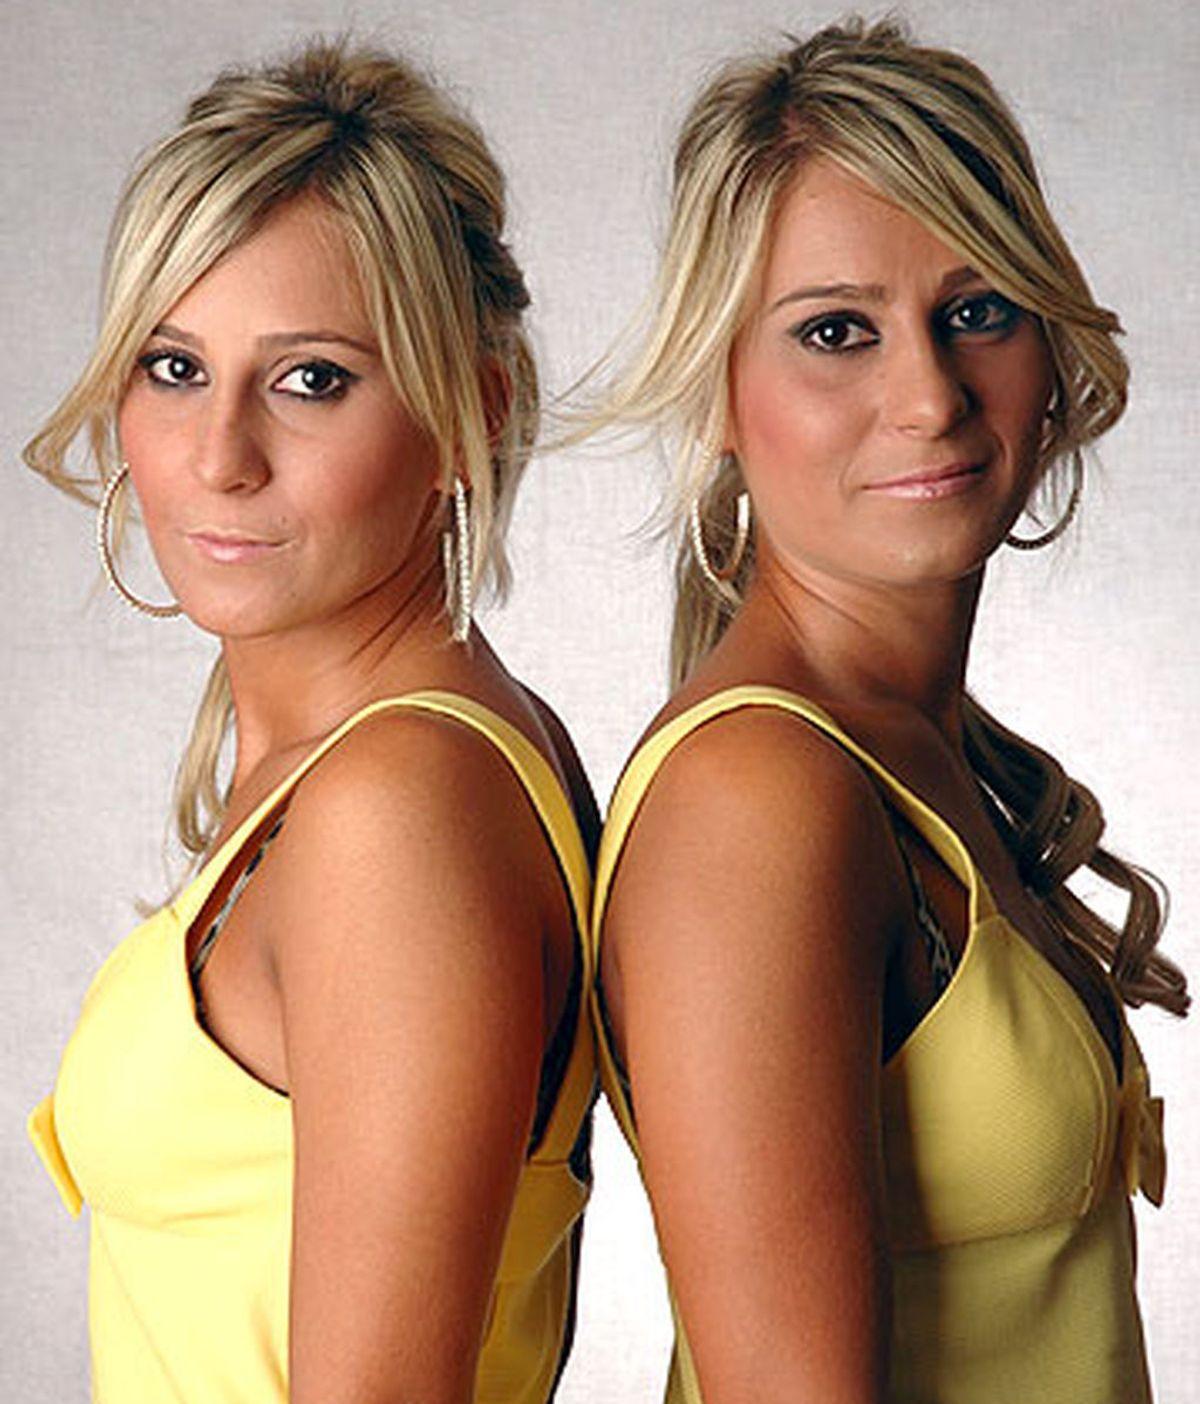 Conchi y Pamela, las gemelas de 'GH 9', discuten por el maquillaje en una conversación ficticia de WhatsApp